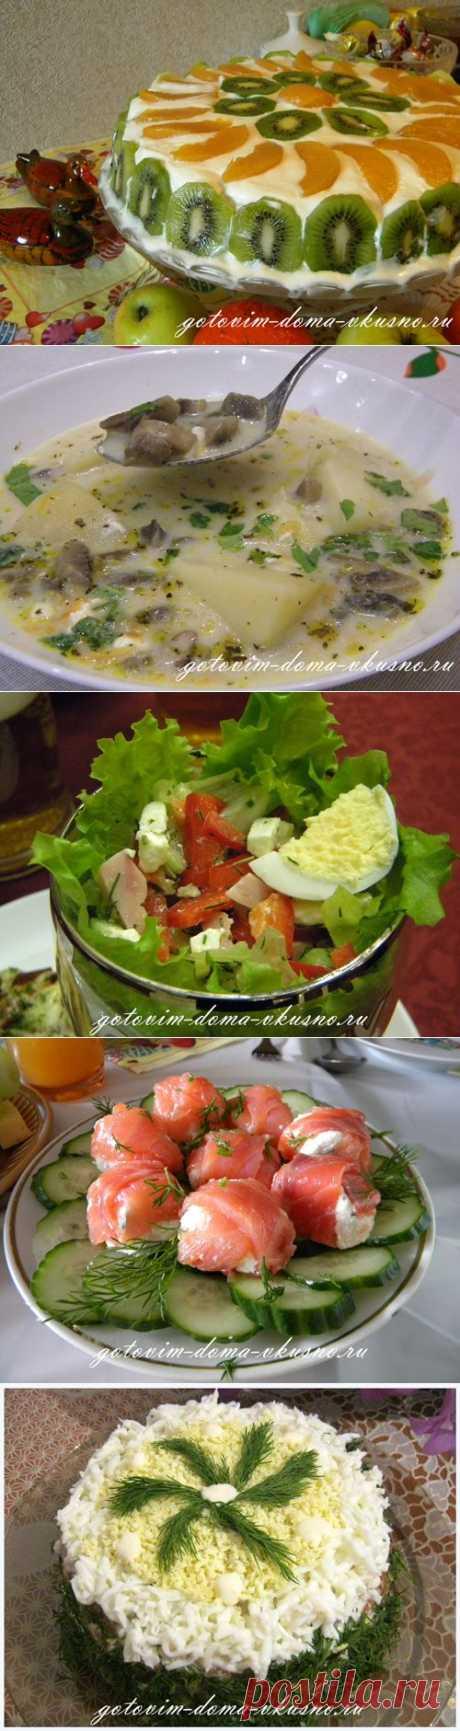 Готовим Дома Вкусно. Пошаговые рецепты блюд с фото. - Part 7